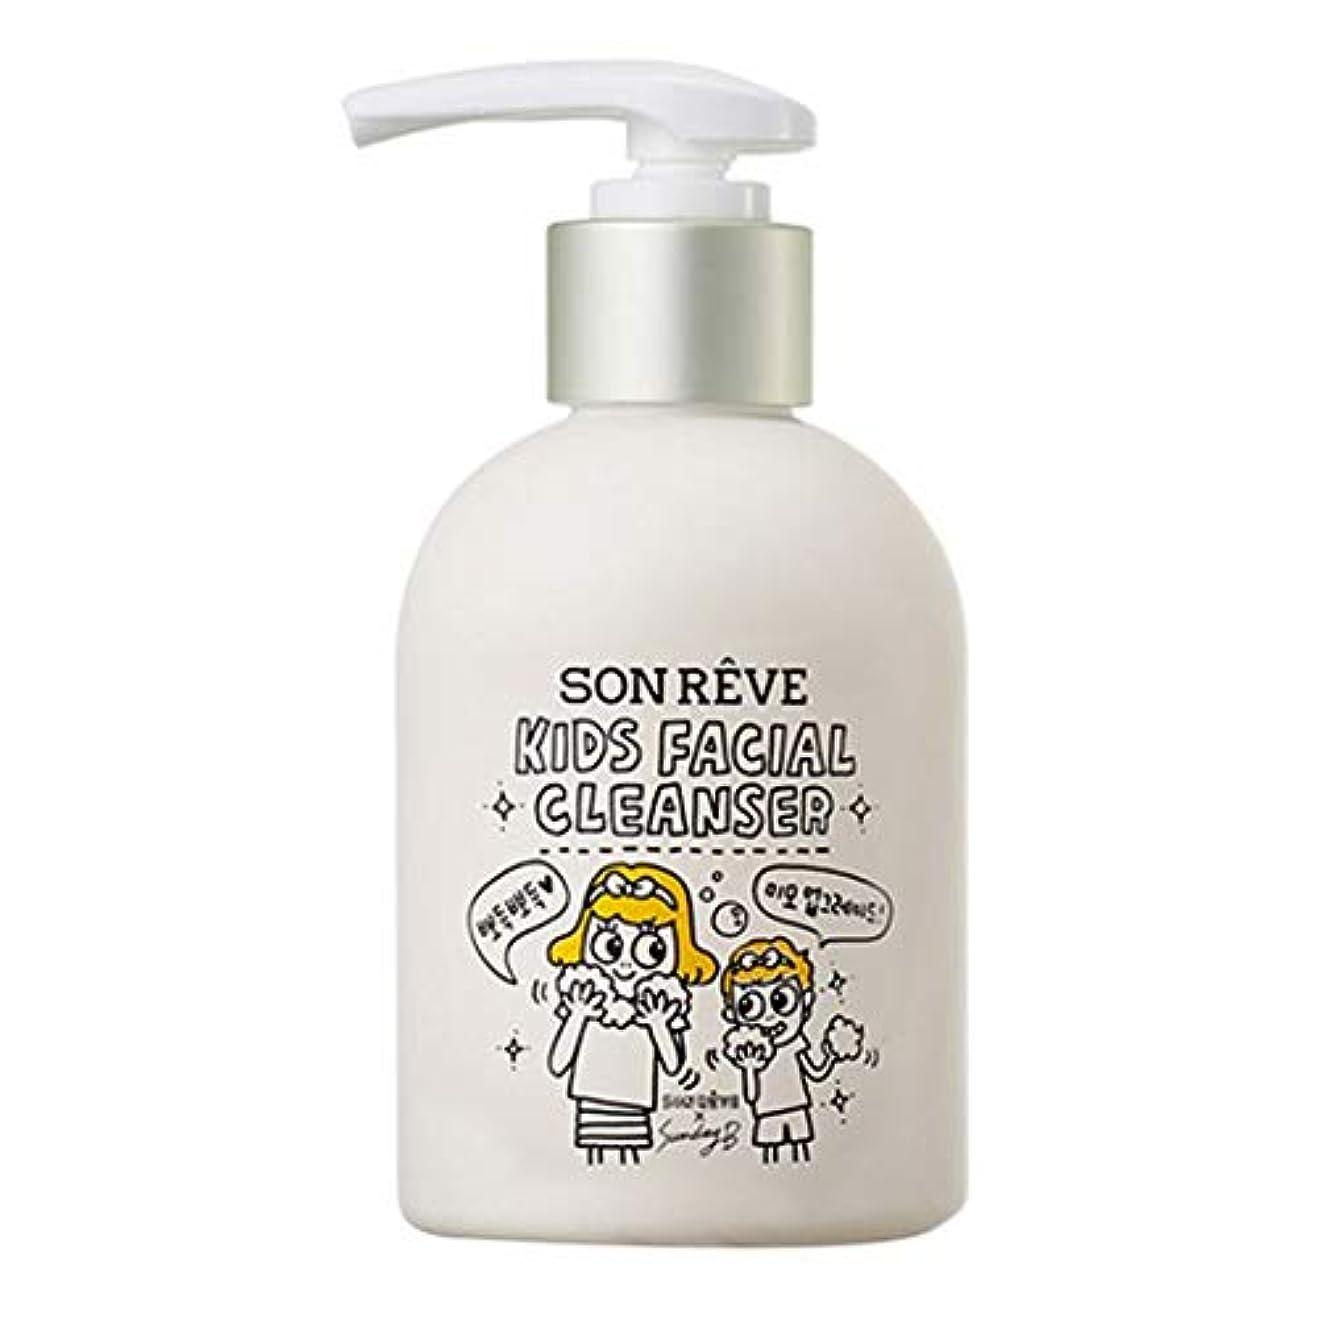 スカルク菊火曜日[SON REVE]KIDS Facial Cleanserの子どもの洗顔200ml甘いキャンディー 香りポンプ型[海外直輸入]